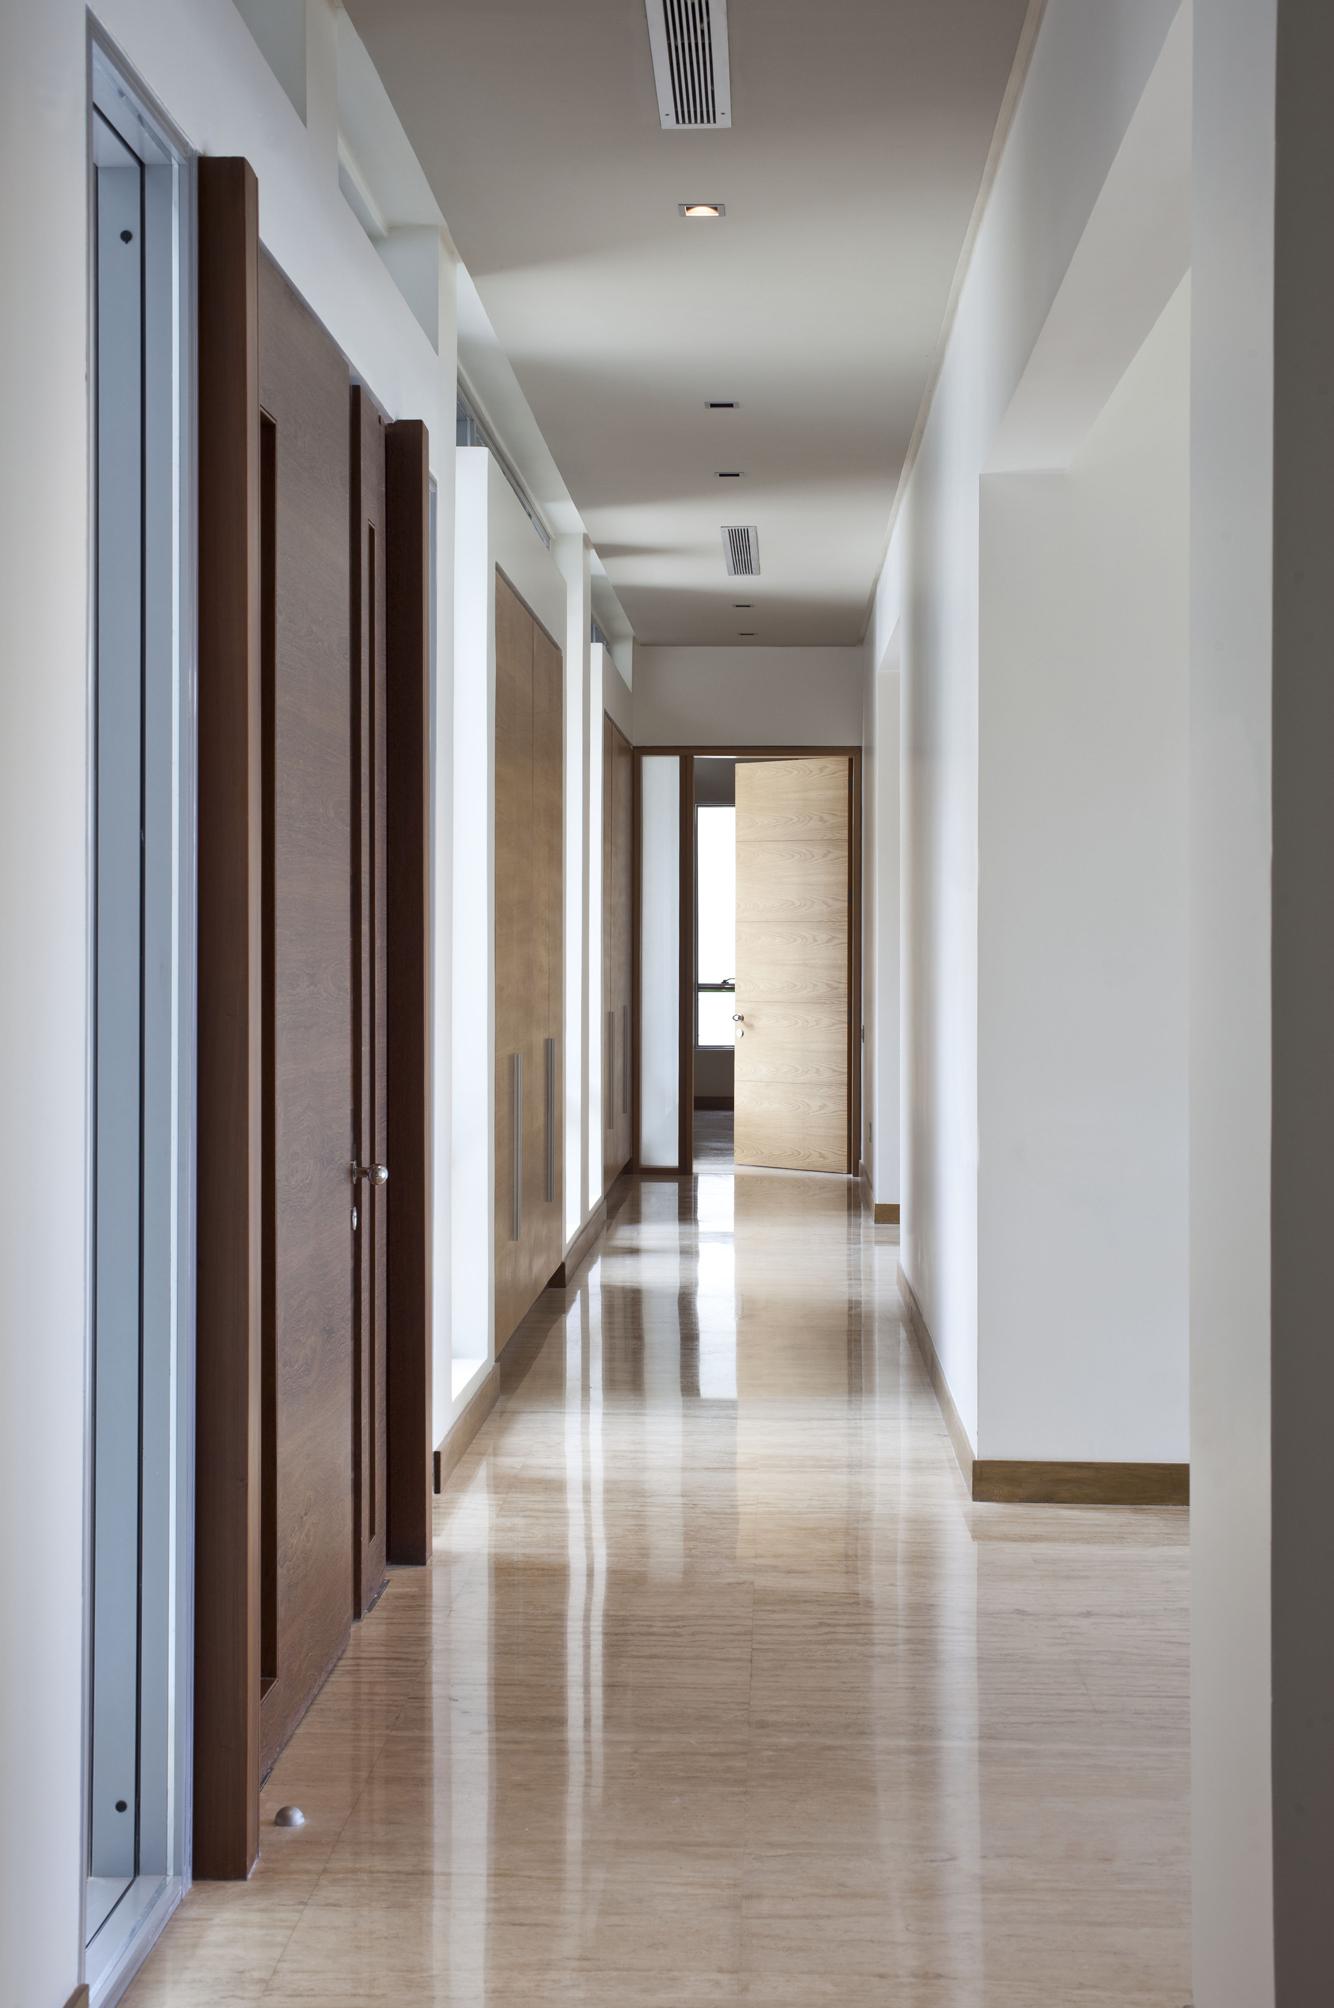 Corredor habitaciones propuestas in consultas - Fotos de pasillos de casas ...